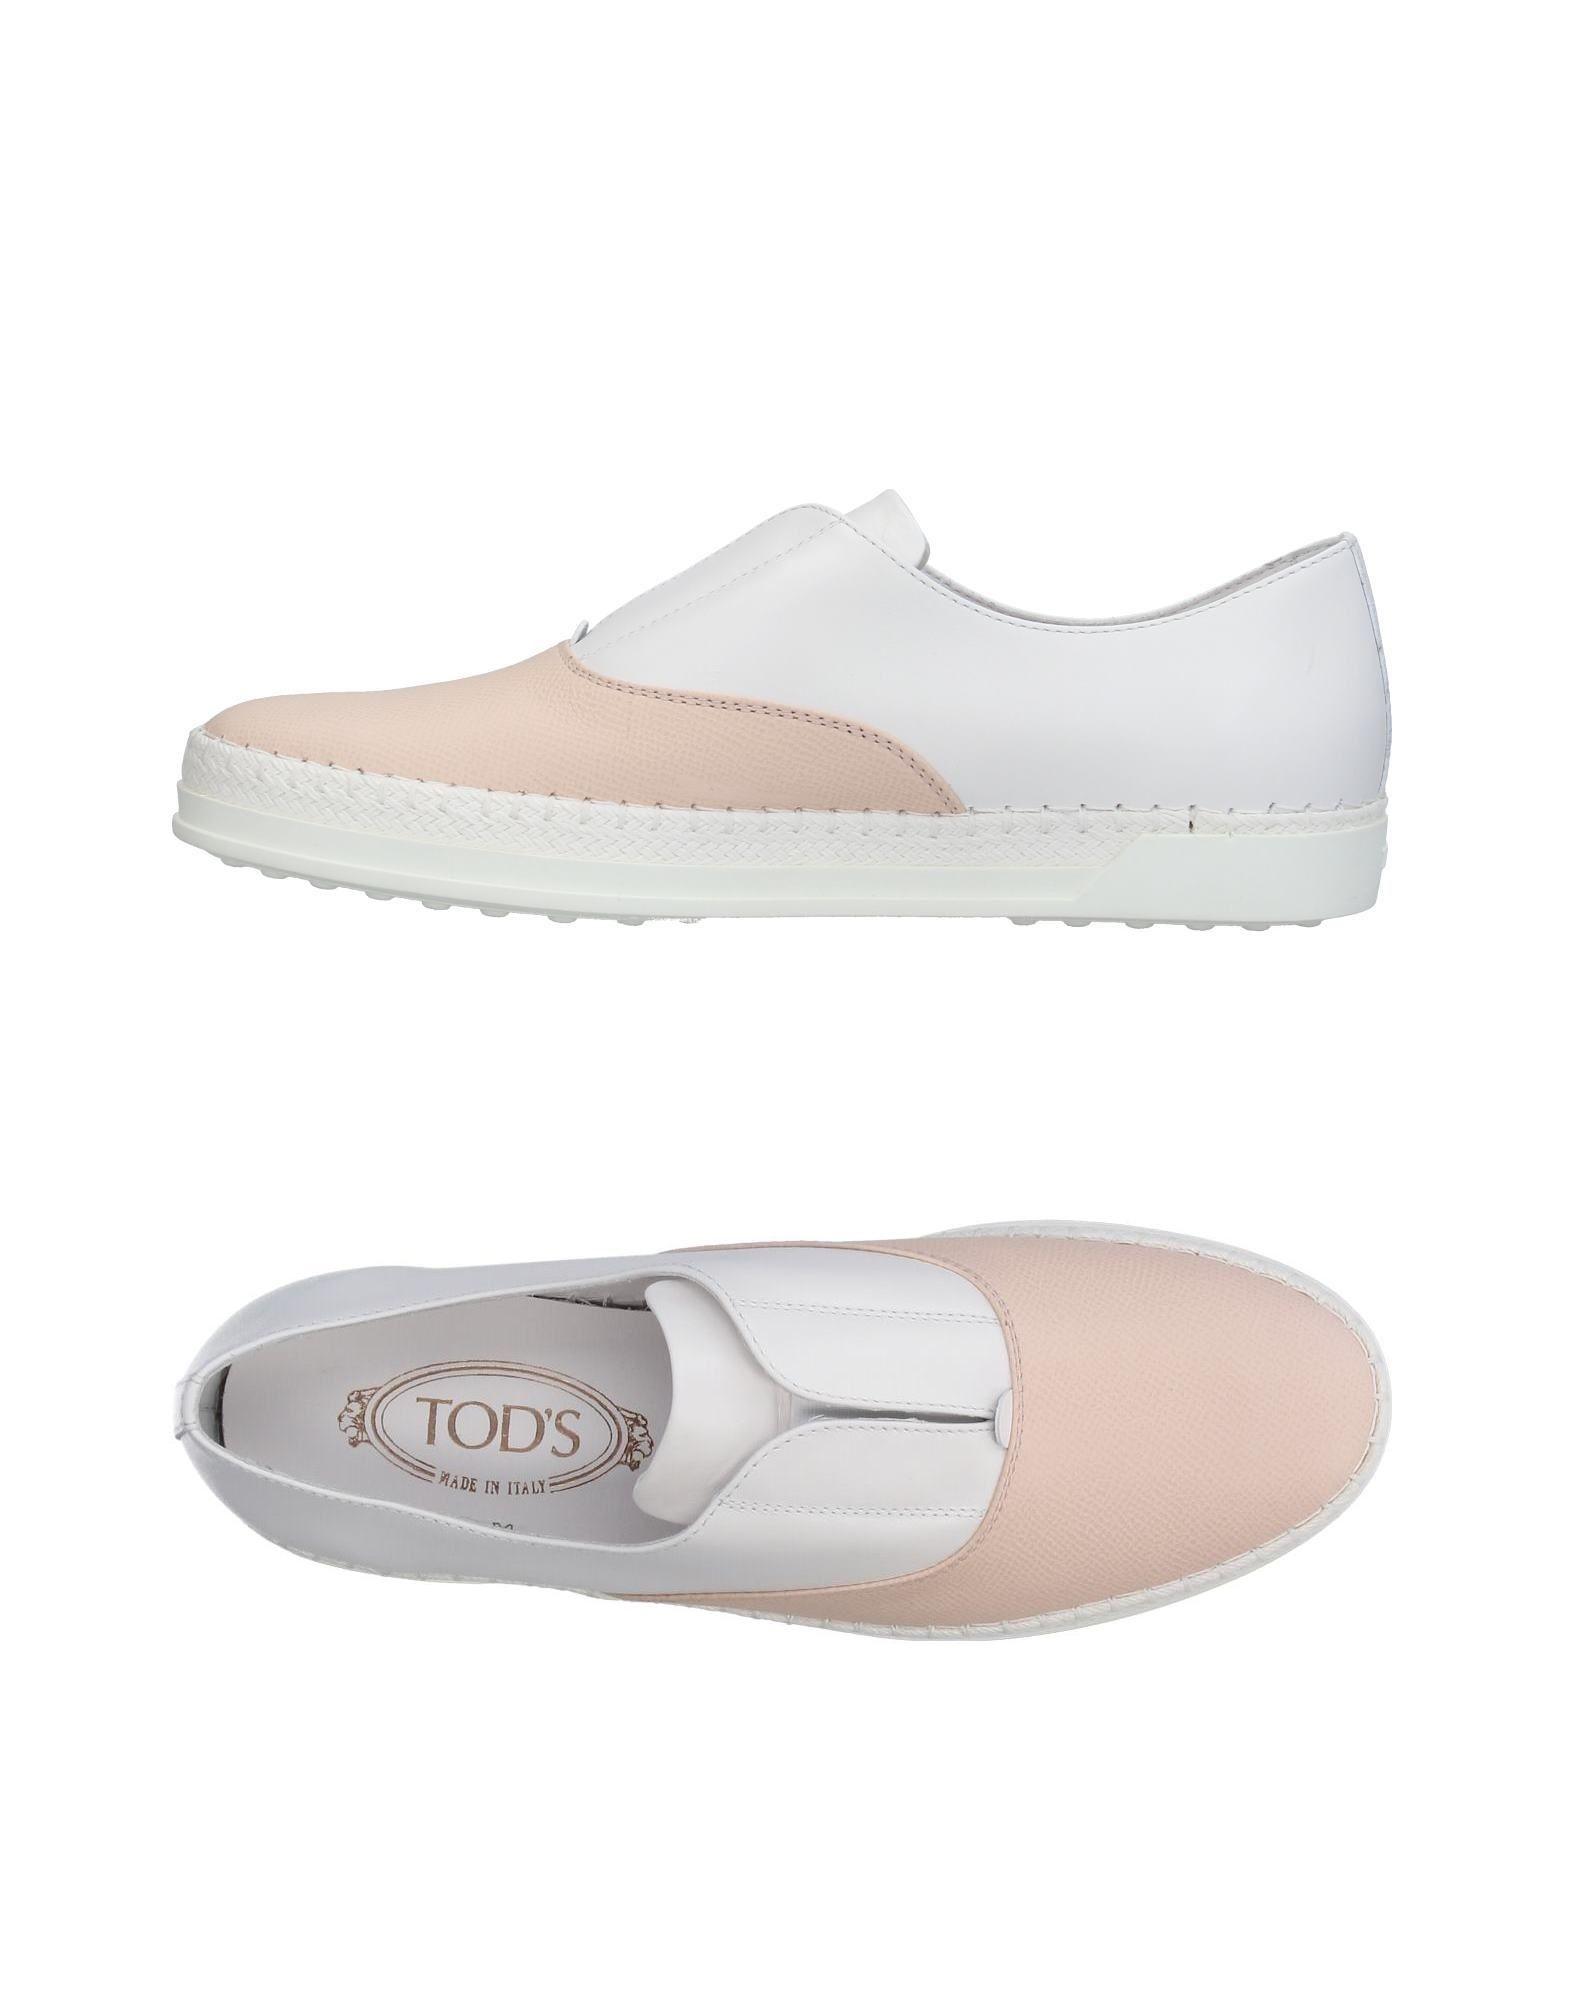 Moda Sneakers Tod's - Donna - Tod's 11390841SS e1bde1